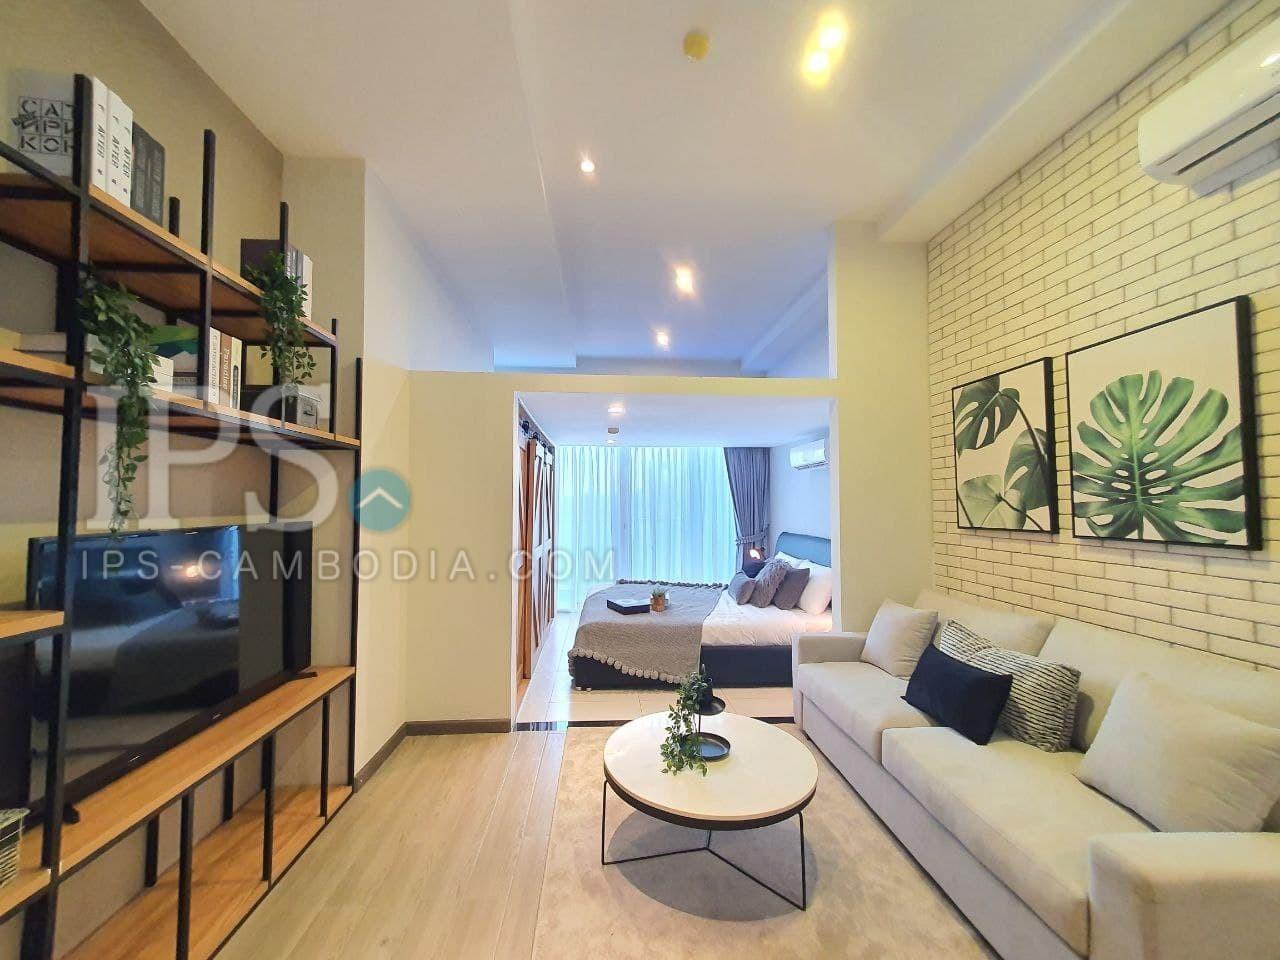 Studio Condominium For Sale - BKK3, Phnom Penh